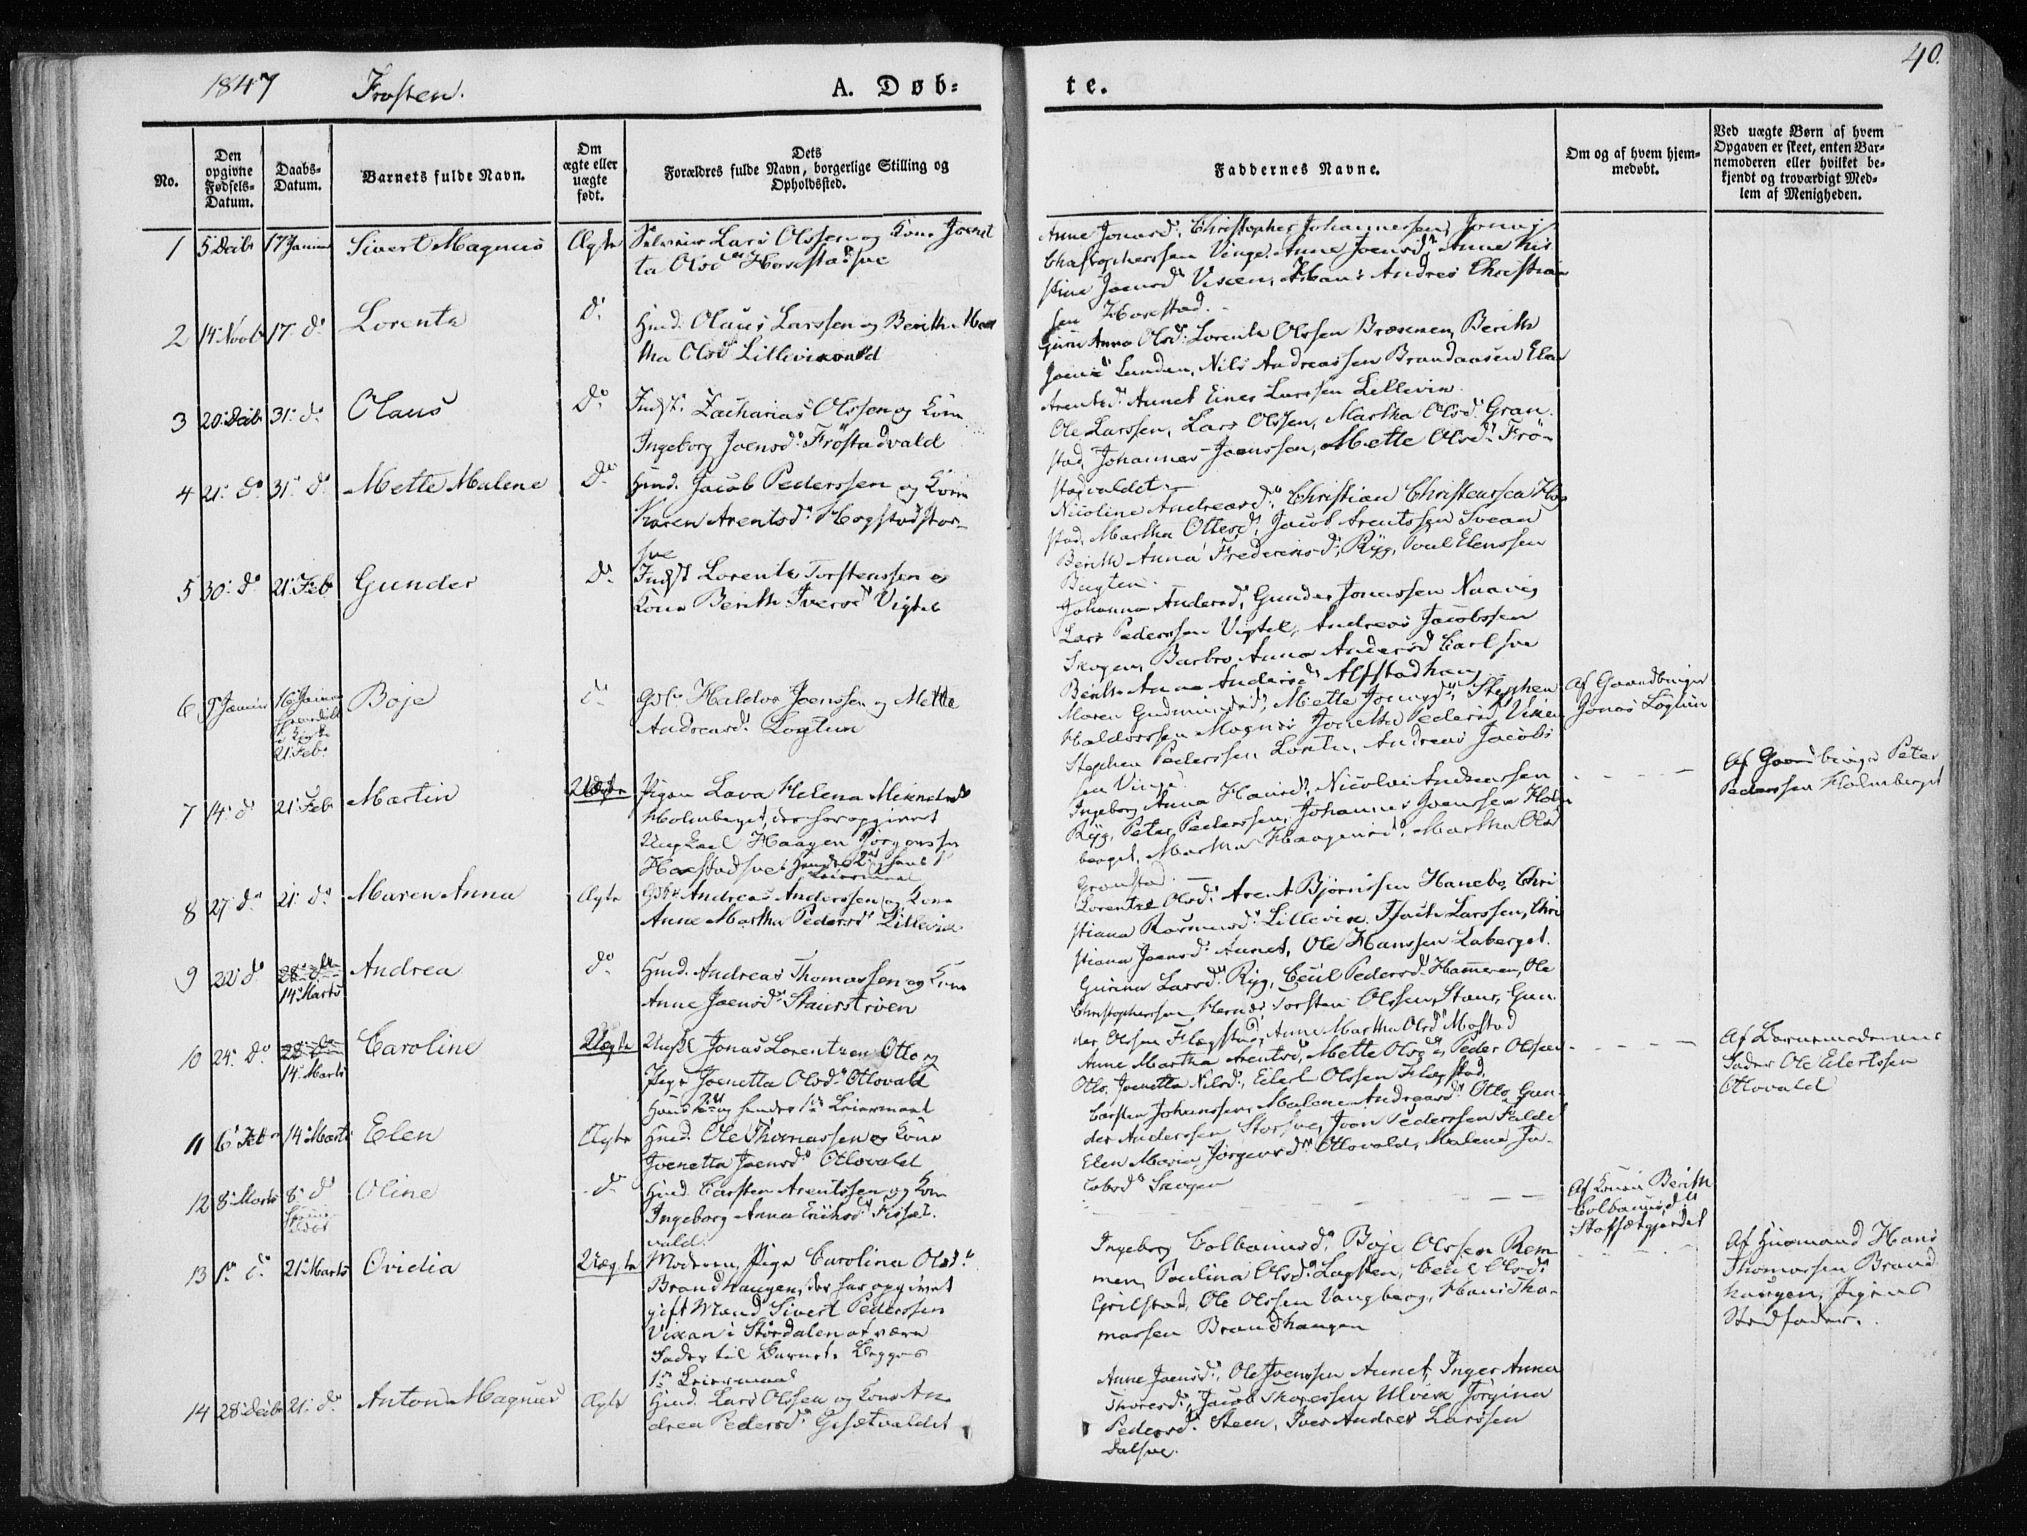 SAT, Ministerialprotokoller, klokkerbøker og fødselsregistre - Nord-Trøndelag, 713/L0115: Ministerialbok nr. 713A06, 1838-1851, s. 40